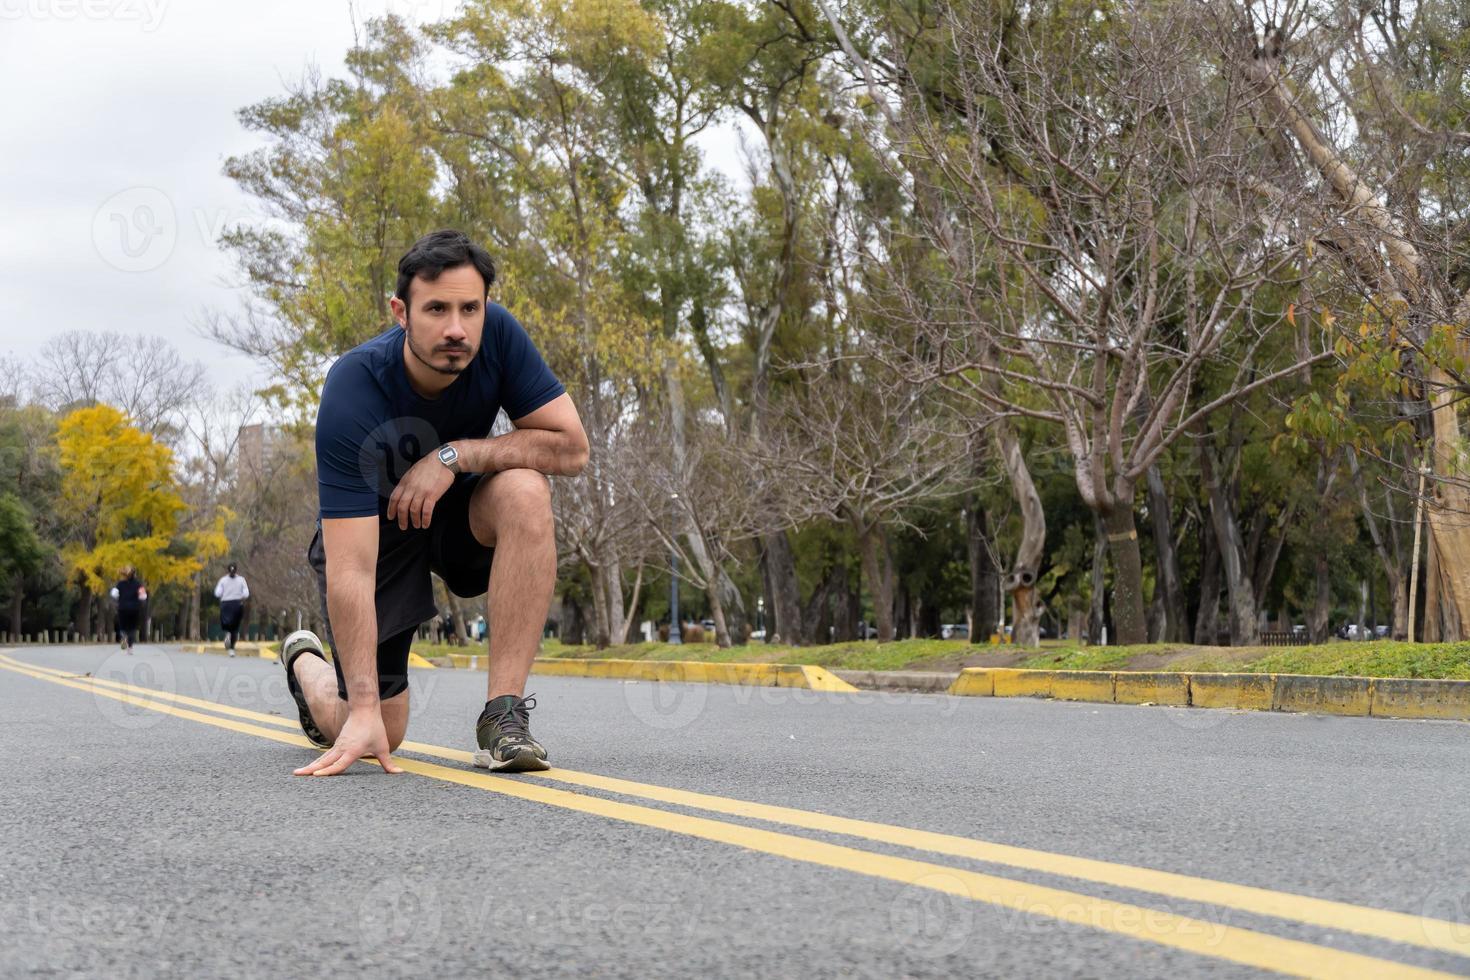 l'uomo si prepara per fare jogging nel parco, vista a filo foto